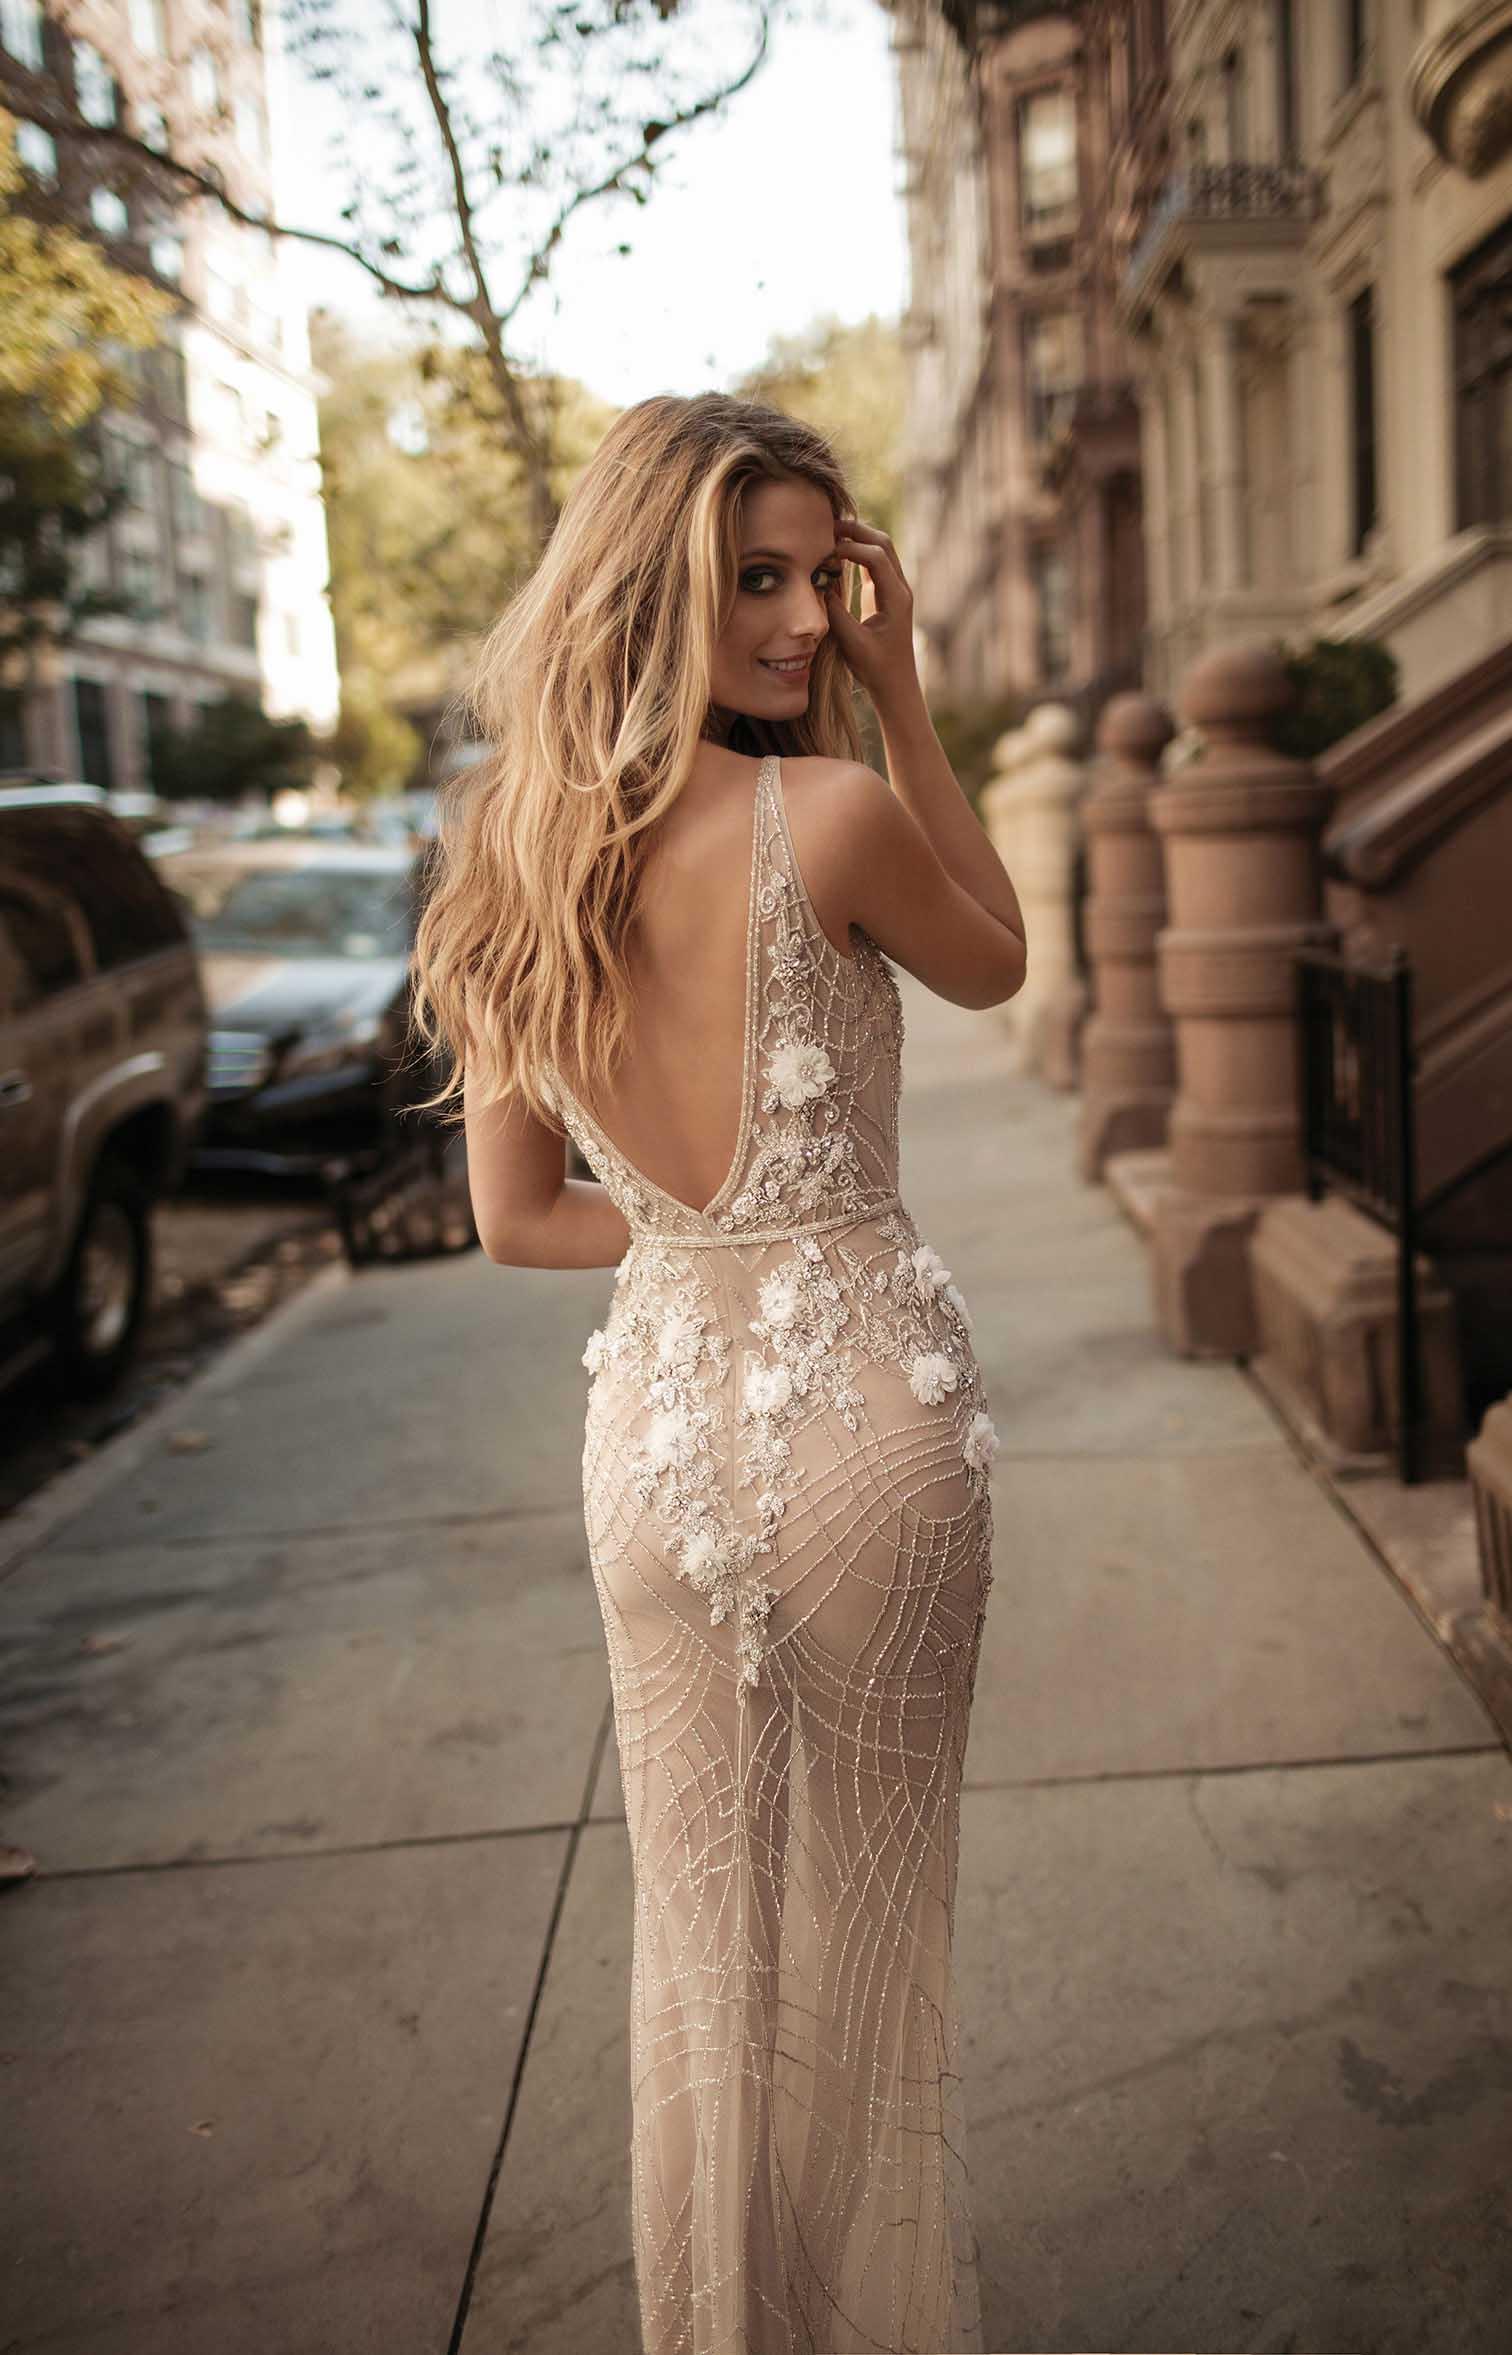 Трахает самое сексуальное свадебное платье фото кастинг француженки волосатой